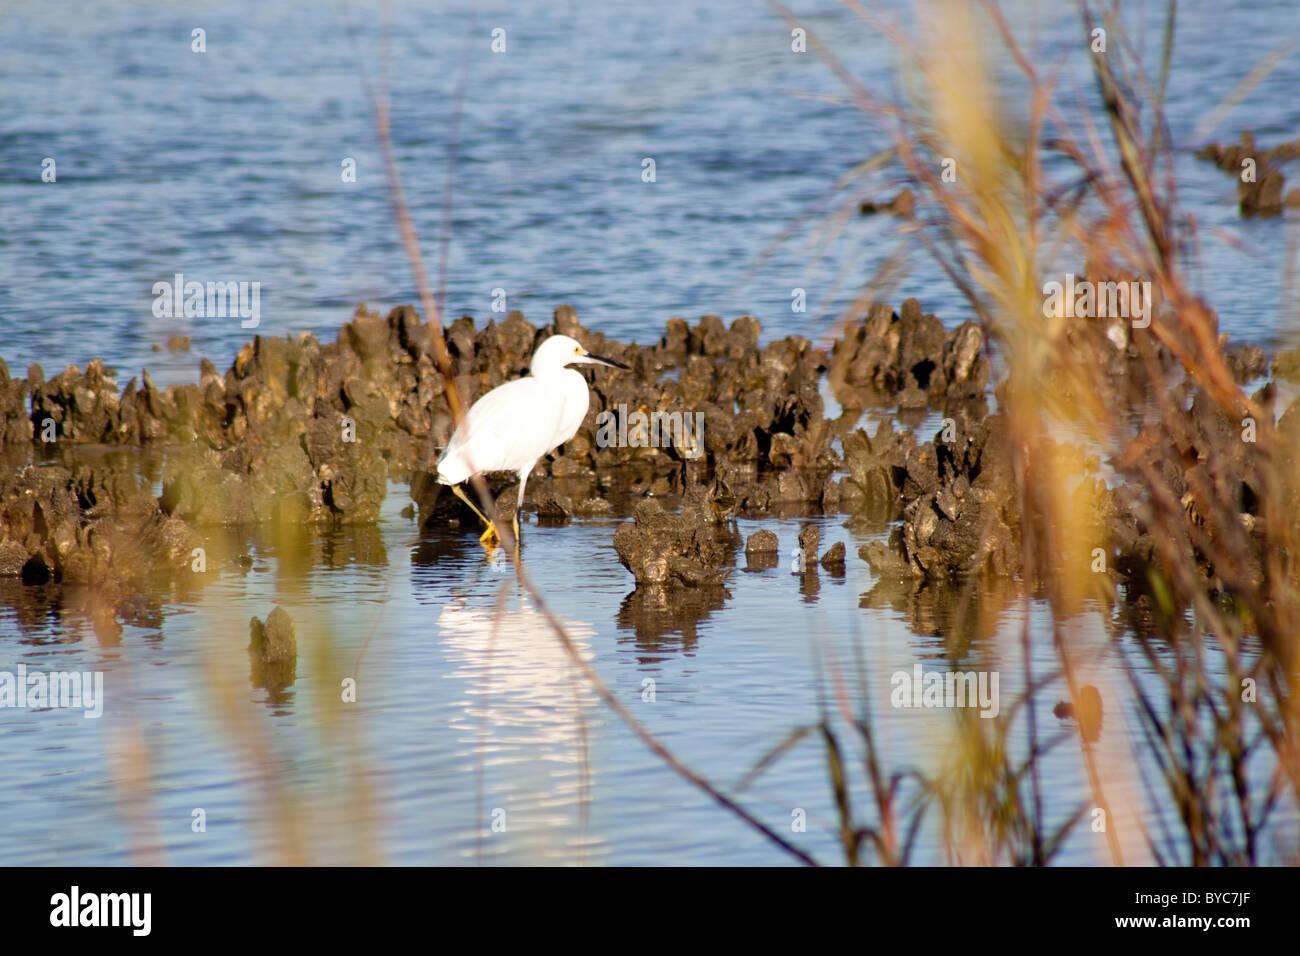 Little Egrets in the Marsh - Stock Image